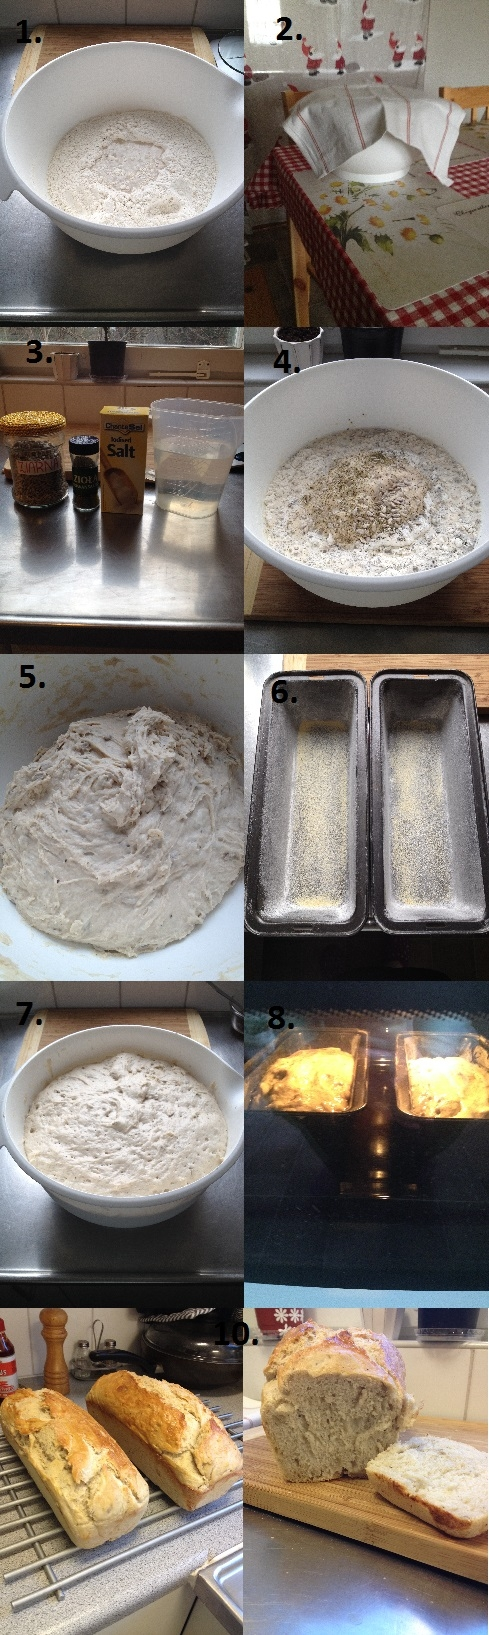 Domowej roboty chleb (przepis na 2 chleby lub 1 duży bochen)  Składniki: 1kg mąki przennej (można także zrobić pół na pół z mąką żytnią) 50gr świeżych drożdży 2 łyżeczki cukru 2-3 łyżeczki soli ok. 1l ciepłej wody dodatki (np. suszone zioła, prażona cebula, czosnek, płatki owsiane, ziarna, itp.)  Sposób przygotowania: 1.Do dużej miski wsypujemy makę i robimy dołek do którego wrzucamy pokruszone drożdże. Dołek zalewamy 200 ml ciepłej wody,posypujemy cukrem i odrobiną mąki. 2. Odstawiamy na 15 min w ciepłe miejsce.  3.Po upływie czasu do rozczynu dodajemy sól oraz wybrane przez nas dodatki (w tym przepisie używam ziaren słonecznika oraz troche ziół prowansalskich). 4. Wszystko zalewamy ok 600-700 ml ciepłą wodą.  5. Całość wyrabiamy aż wyjdzie nam gładkie ciasto (ciasto jest dość klejące). Odstawiamy je na 1 godz w ciepłe miejsce.  6. Gdy ciasto będzie rosło możemy przygotować formy (ja używam 2 keksówek). Wysmarowujemy boki oraz dno form masłem iposypujemy mąką ( dla chetnych dno można posypac sproszkowanym czosnkiem).  7. Gdy ciasto urośnie wyrabiamy je jeszcze przez ok 1 min. Dzielimy mase na 2 równe części i wkładamy do wcześniej  przygotowanych form.  8. Odstawiamy na 10-15 min aż odrobine podrosną. Chleby smarujey roztrzepanym białkiem (można je także posypać ziarnami). Pieczemy 45 min w temperaturze 180*C.  9. Gorące chleby wyjmujemy z form i kładziemy na kratkę aż do całkowitego wystudzenia. 10. Gotowe :)